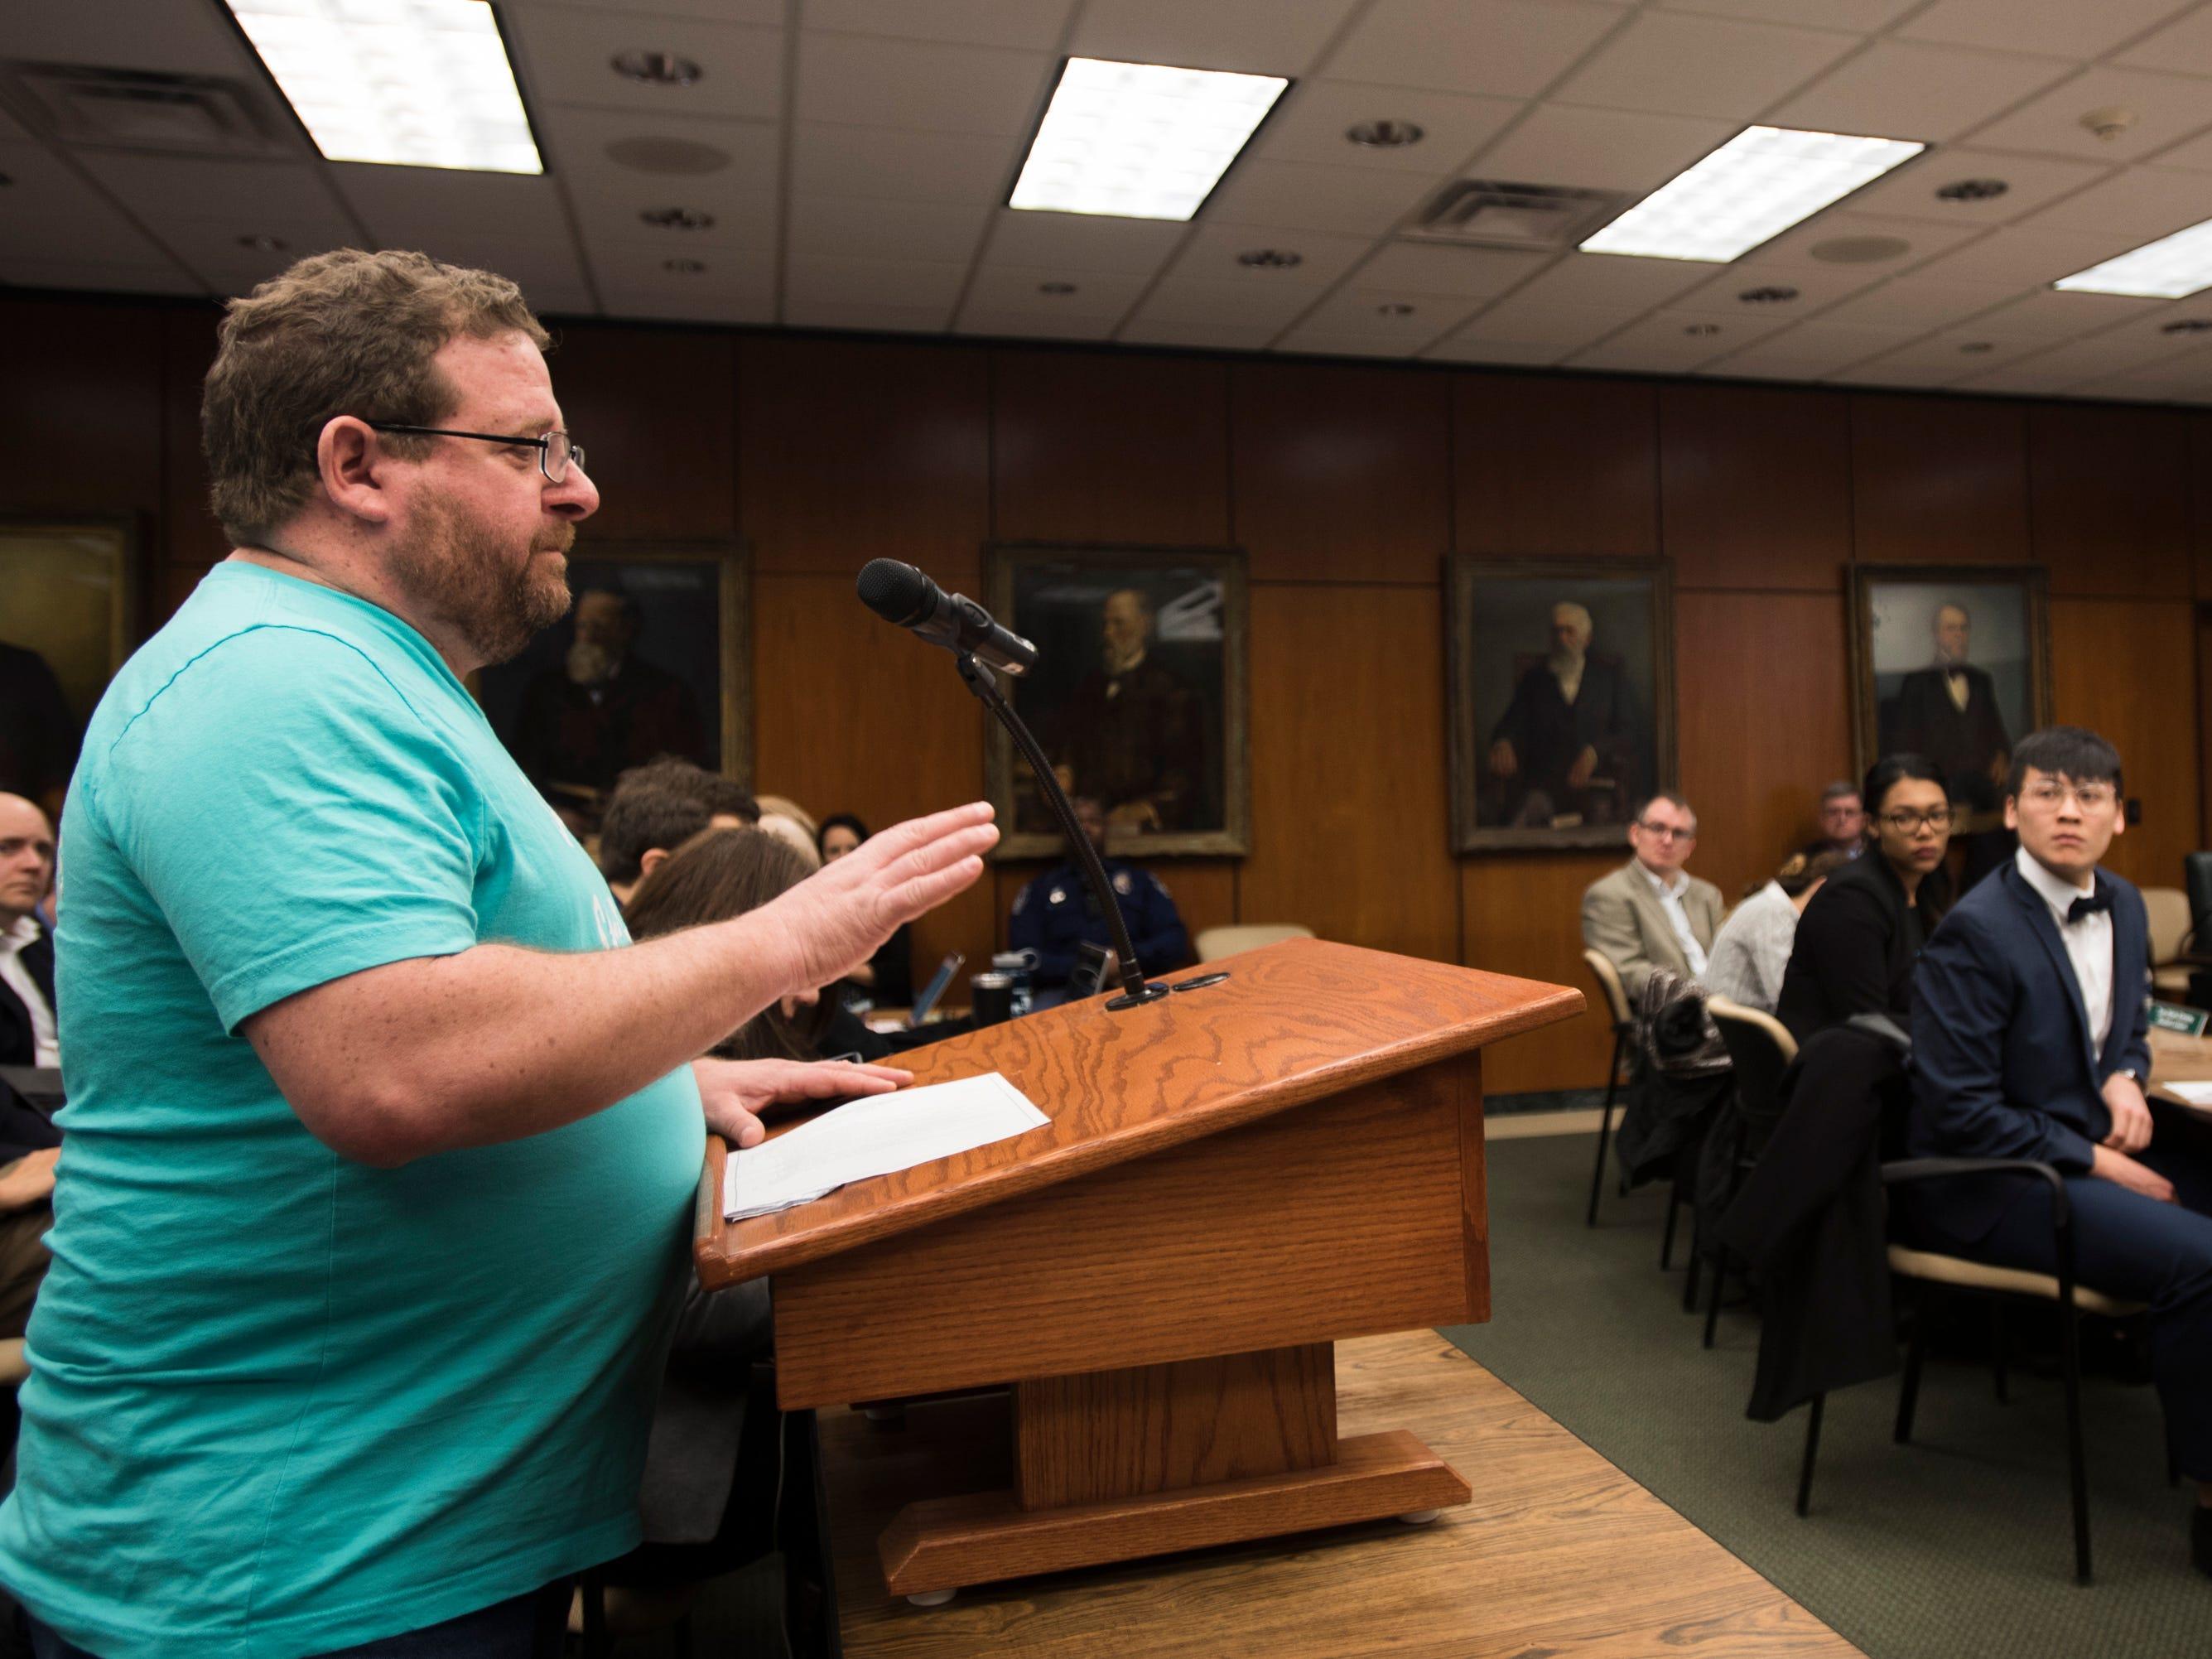 Brian Tarrant, a parent of a Nassar victim addresses the MSU Board of Trustees, Friday, Feb. 15, 2019.